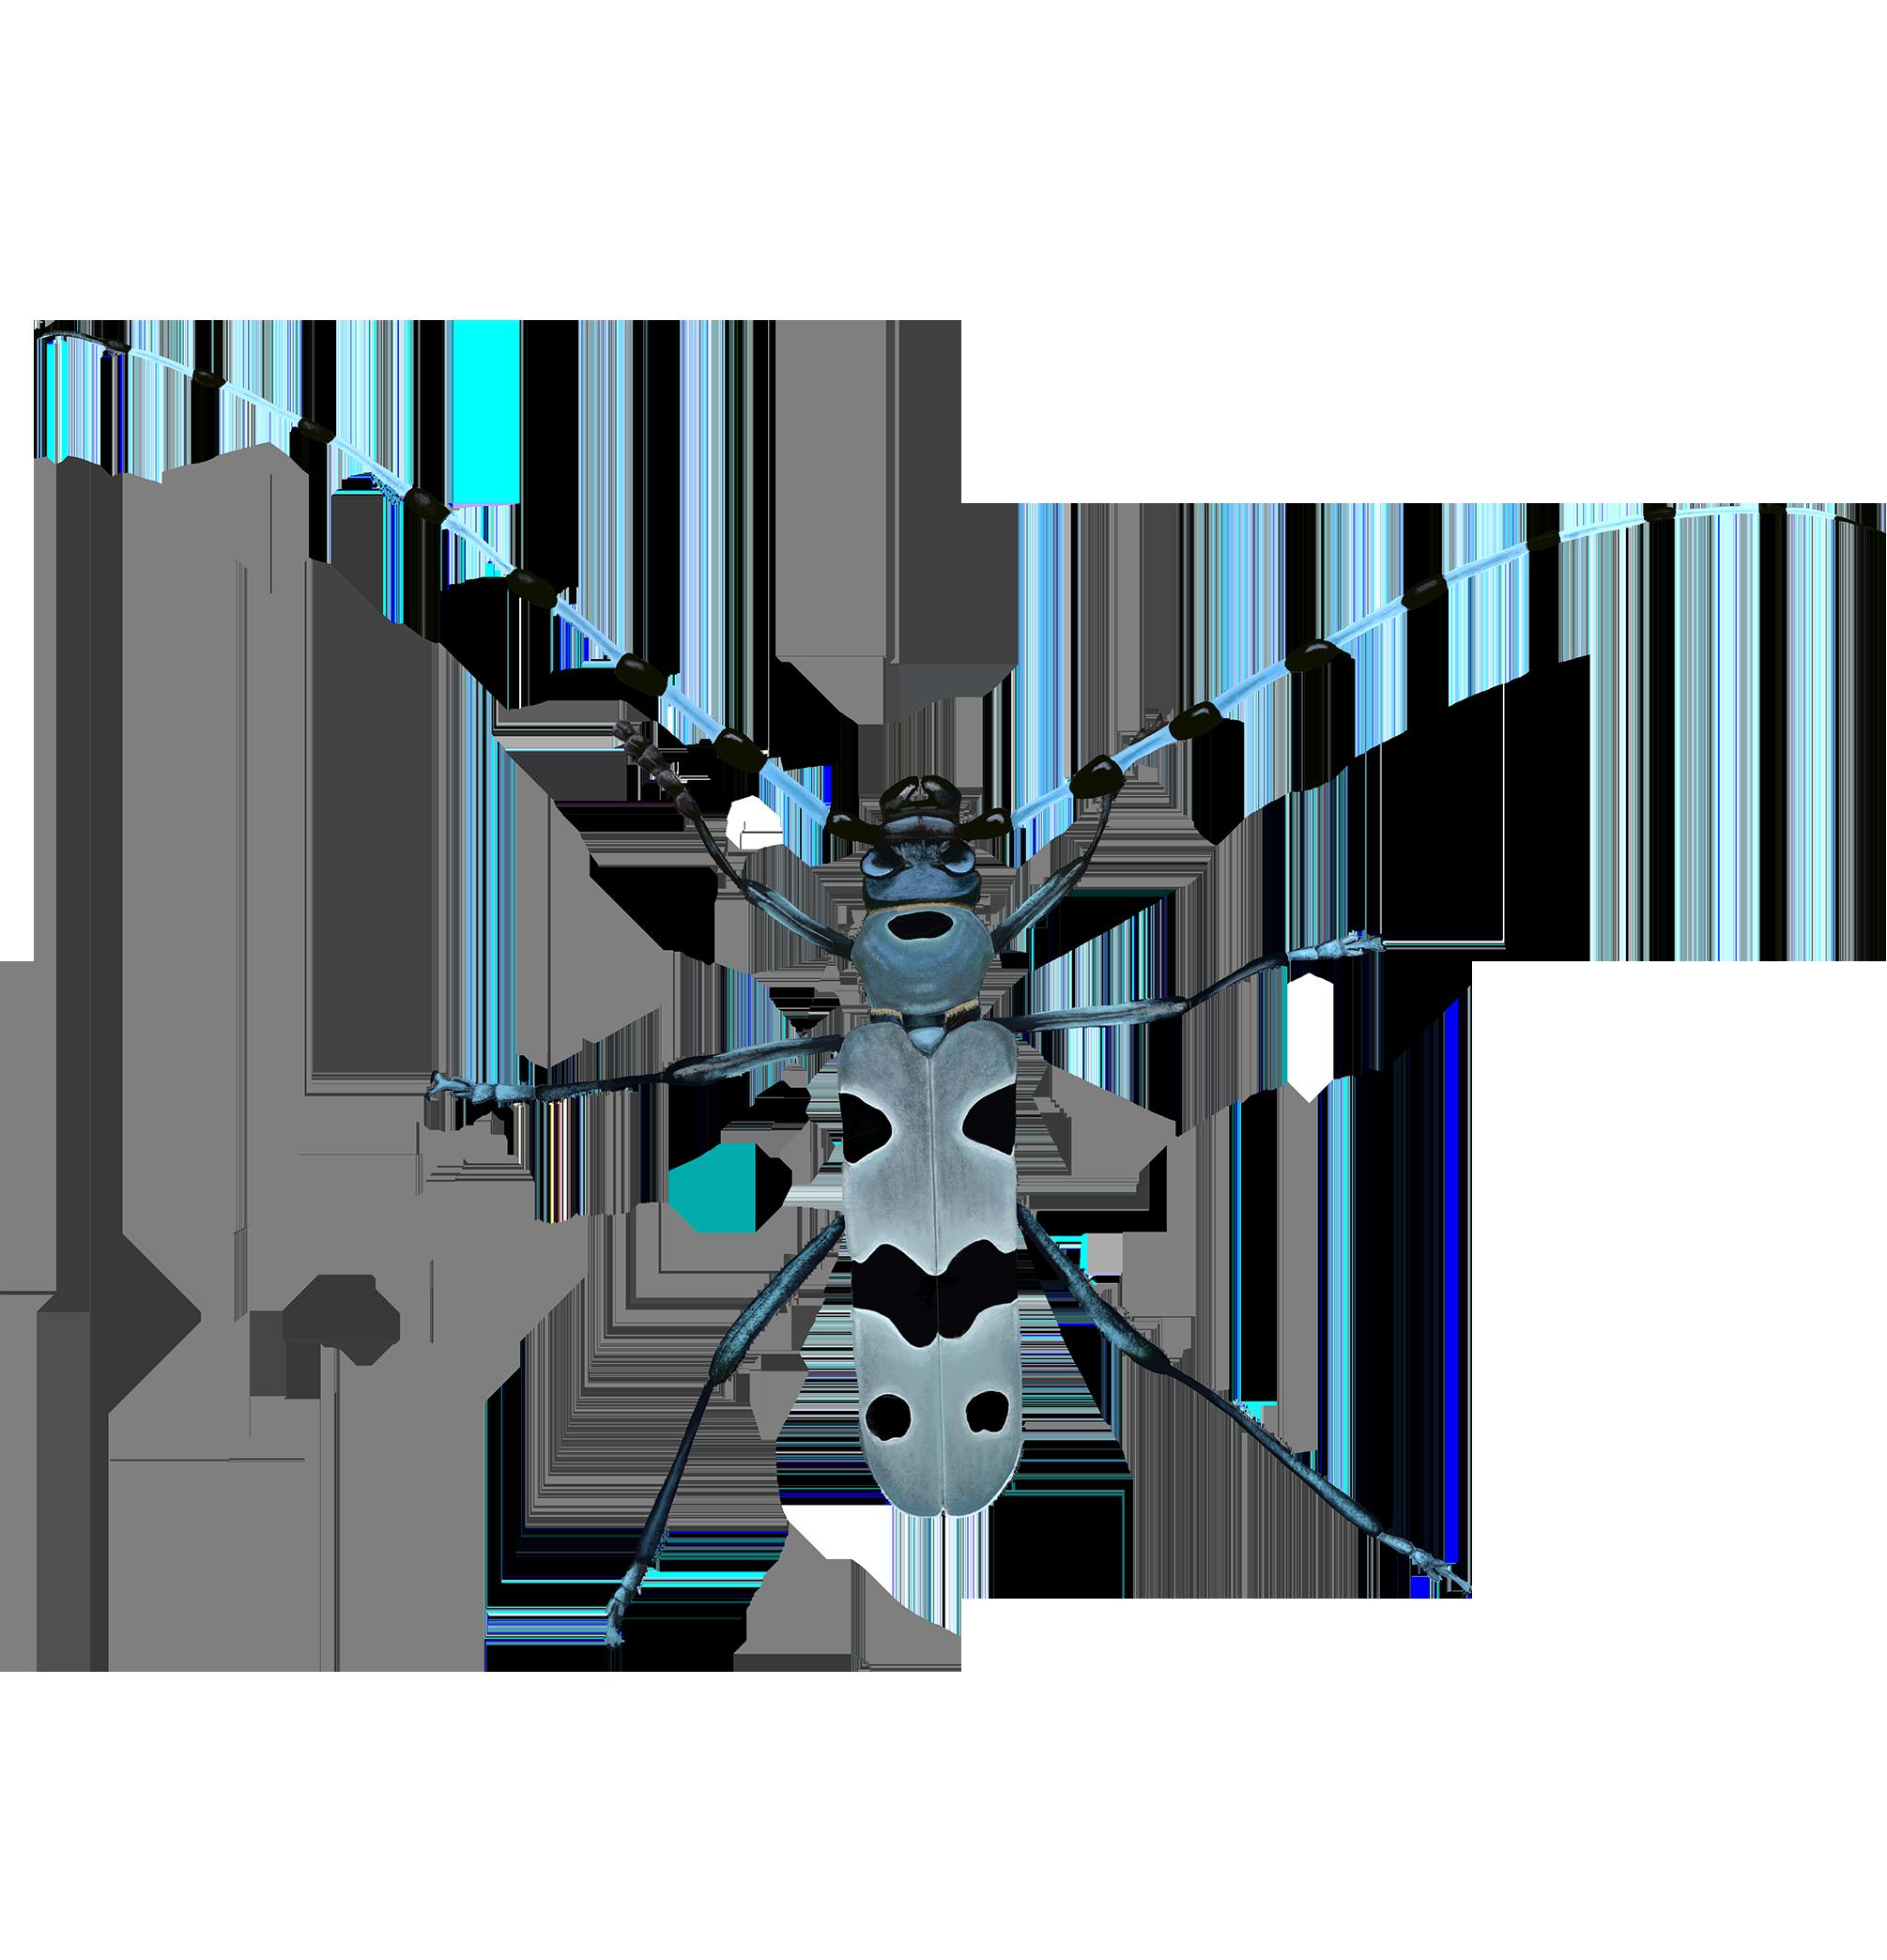 INSEKTEN. - Digitale Illustrationen verschiedener in Mitteleuropa heimischer Insektenarten. Ihre unglaubliche optische Vielfalt fasziniert Wissenschaftler und Liebhaber seit Jahrhunderten. Doch das rasche zusammenbrechen vieler Bestände alarmiert zunehmend - dieses Projekt soll Sensibilisieren und ausgewählte Arten in den Fokus stellen.